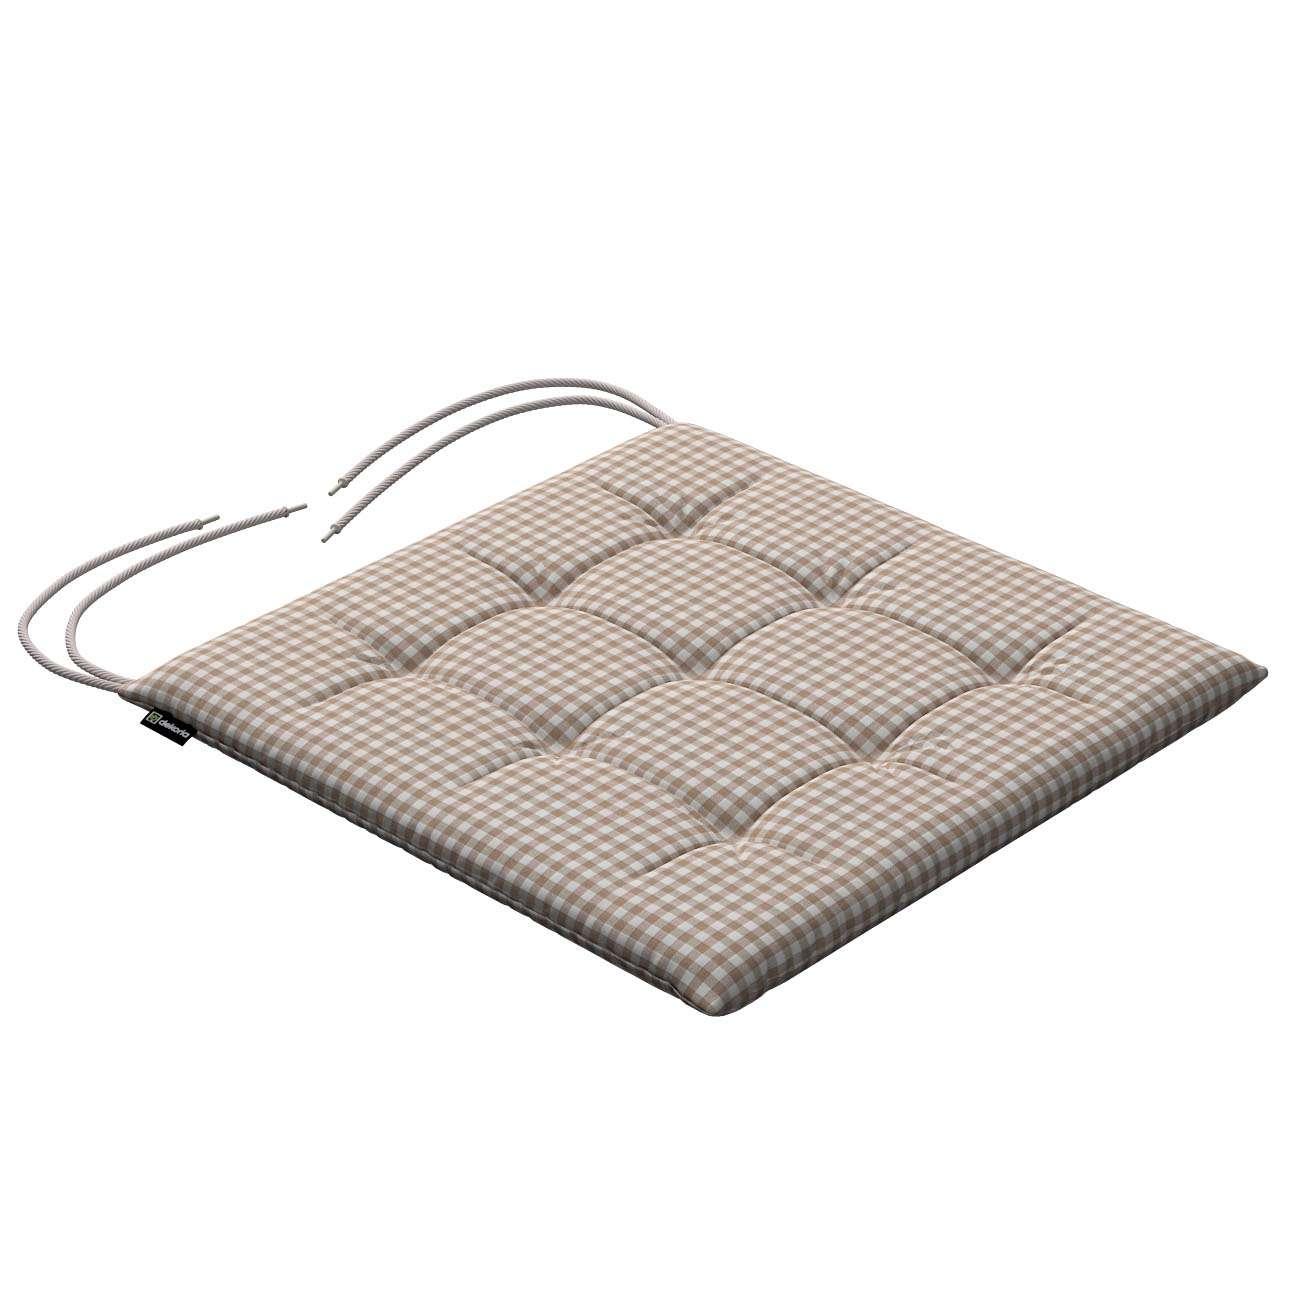 Siedzisko Karol na krzesło 40x40x3,5cm w kolekcji Quadro, tkanina: 136-05